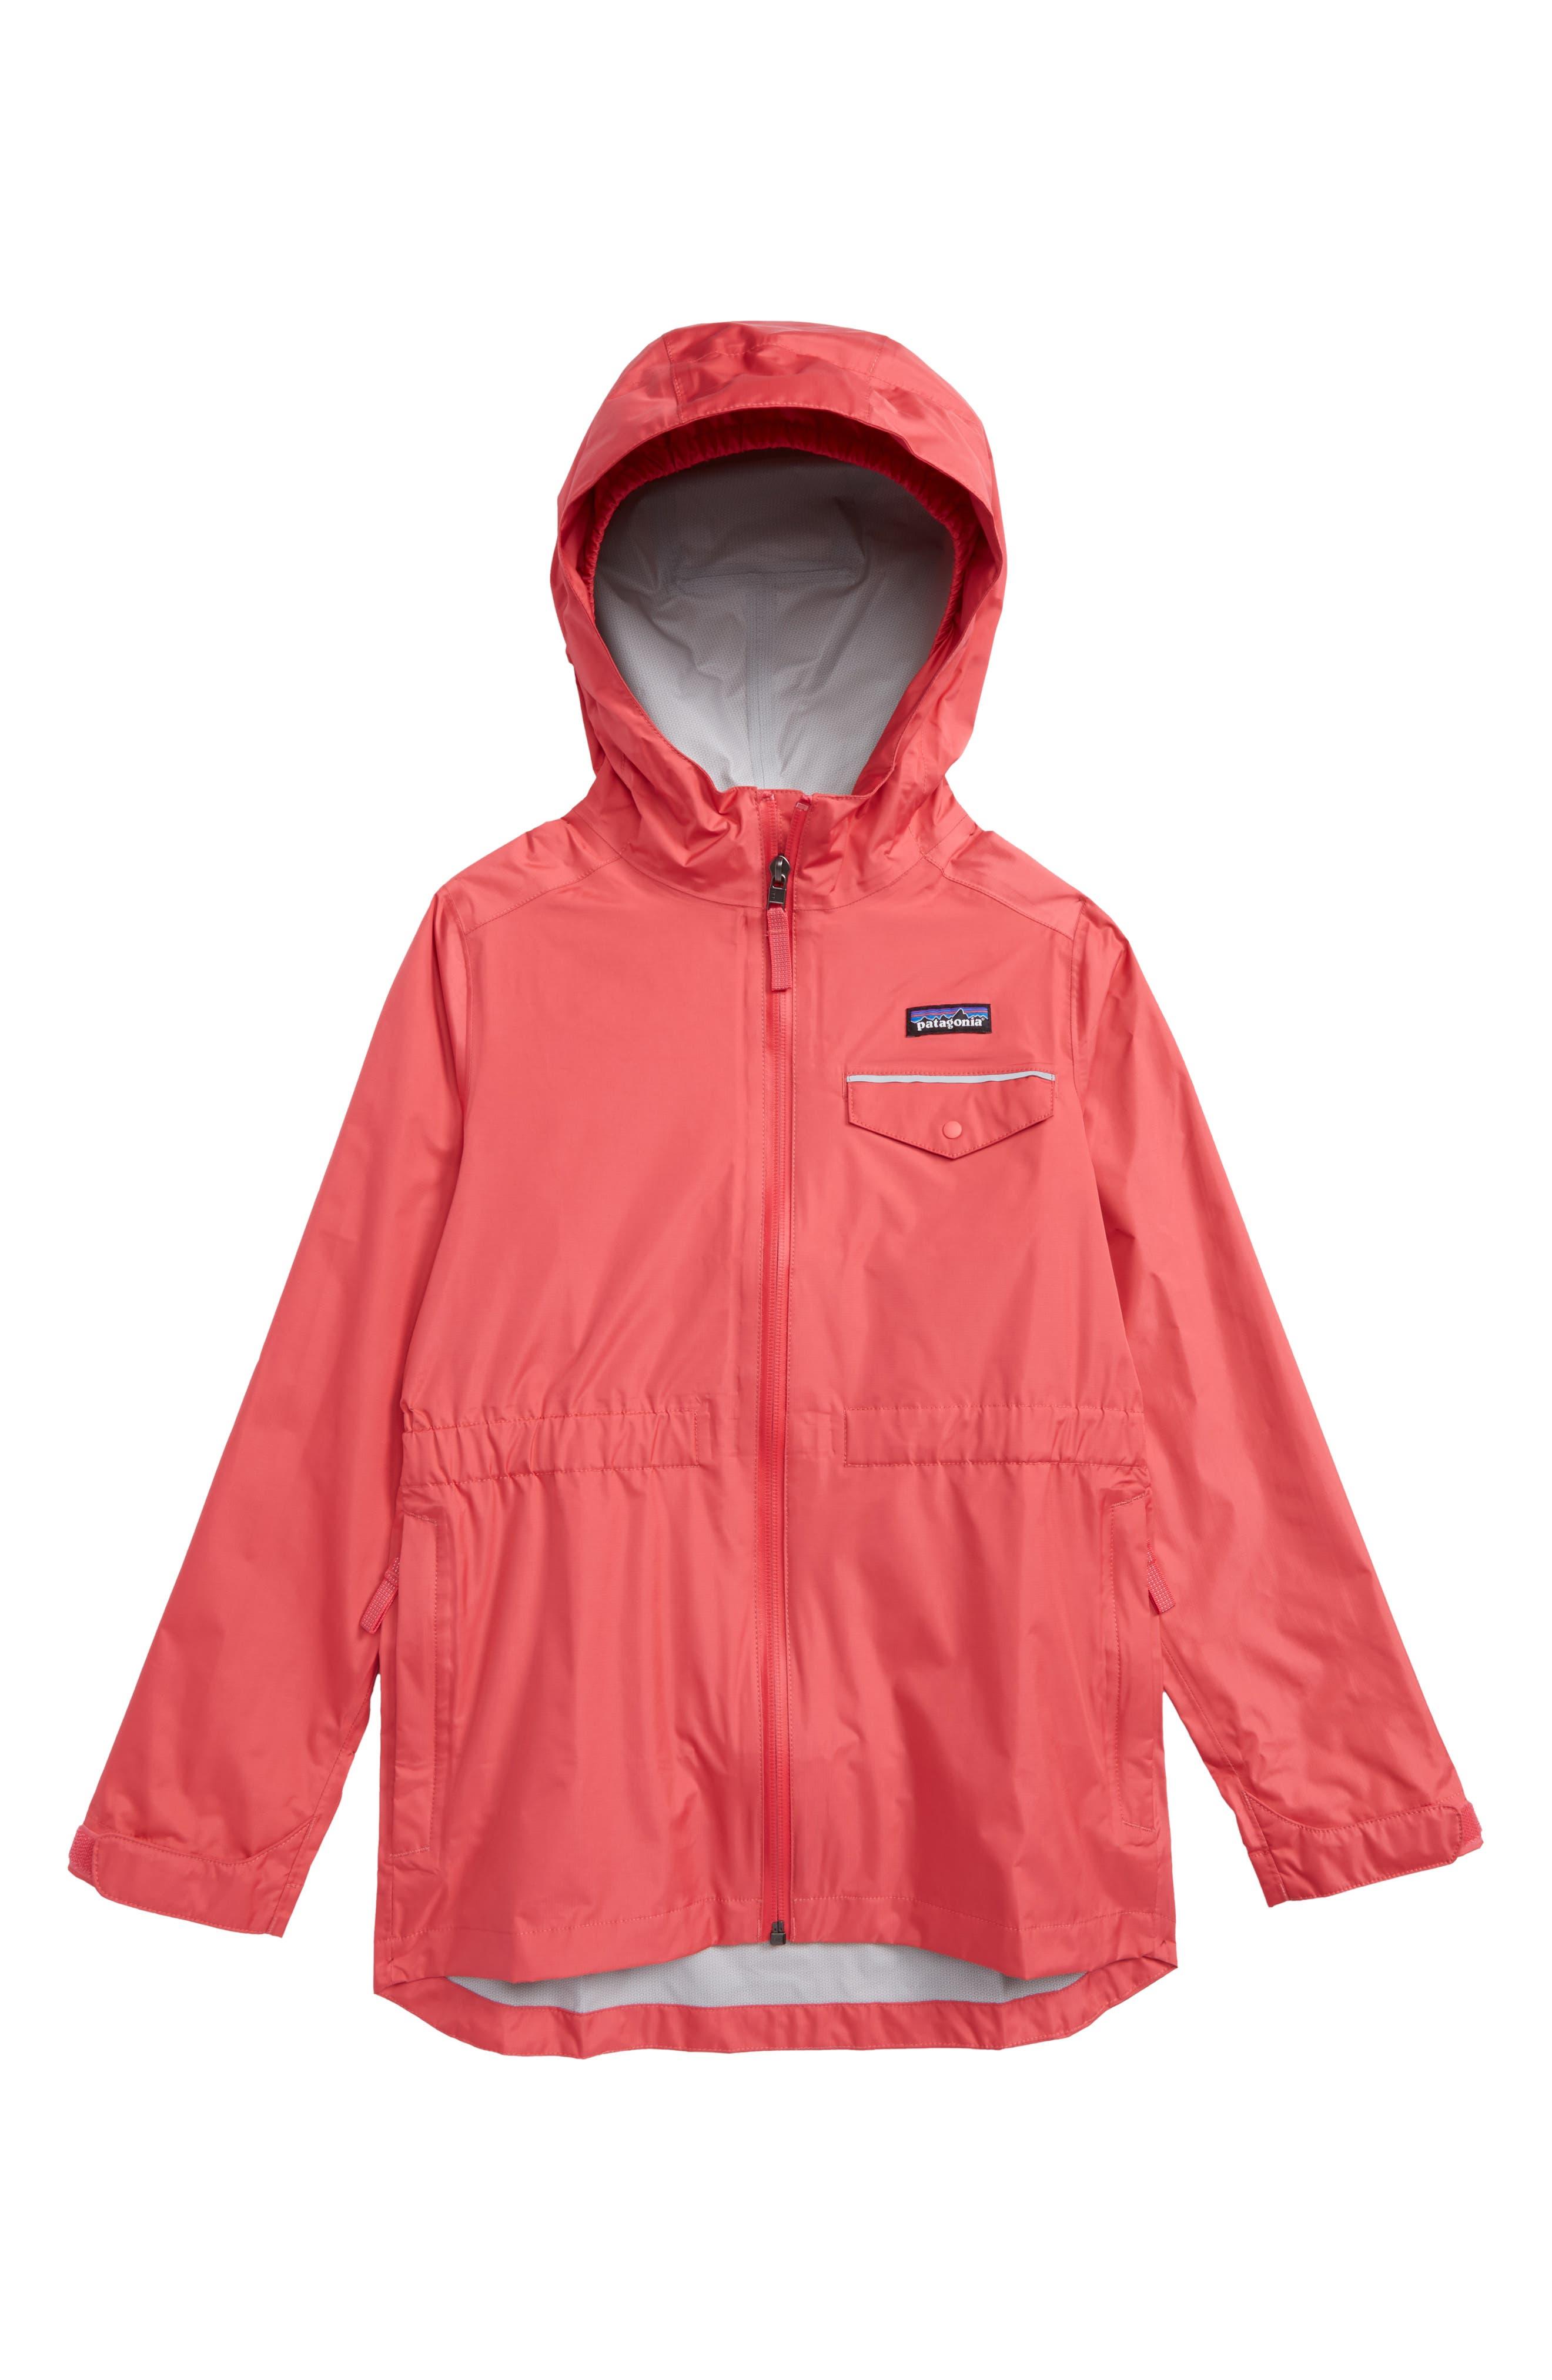 Girls Patagonia Torrentshell Jacket Size XXL (1618)  Pink